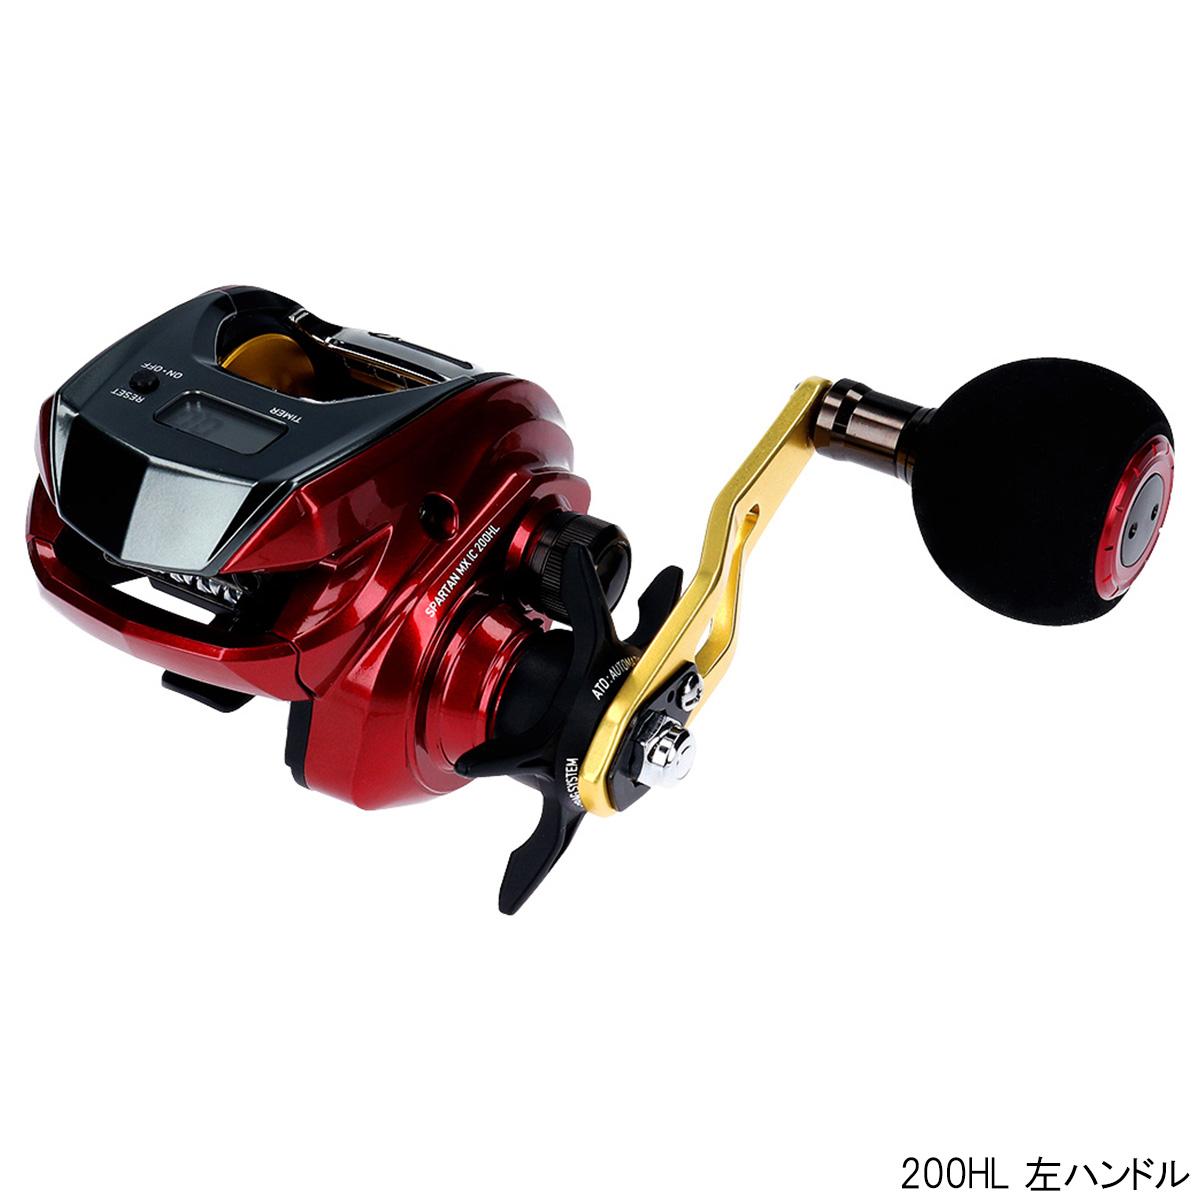 【8日最大8千円オフクーポン!】ダイワ スパルタン MX IC 200HL 左ハンドル